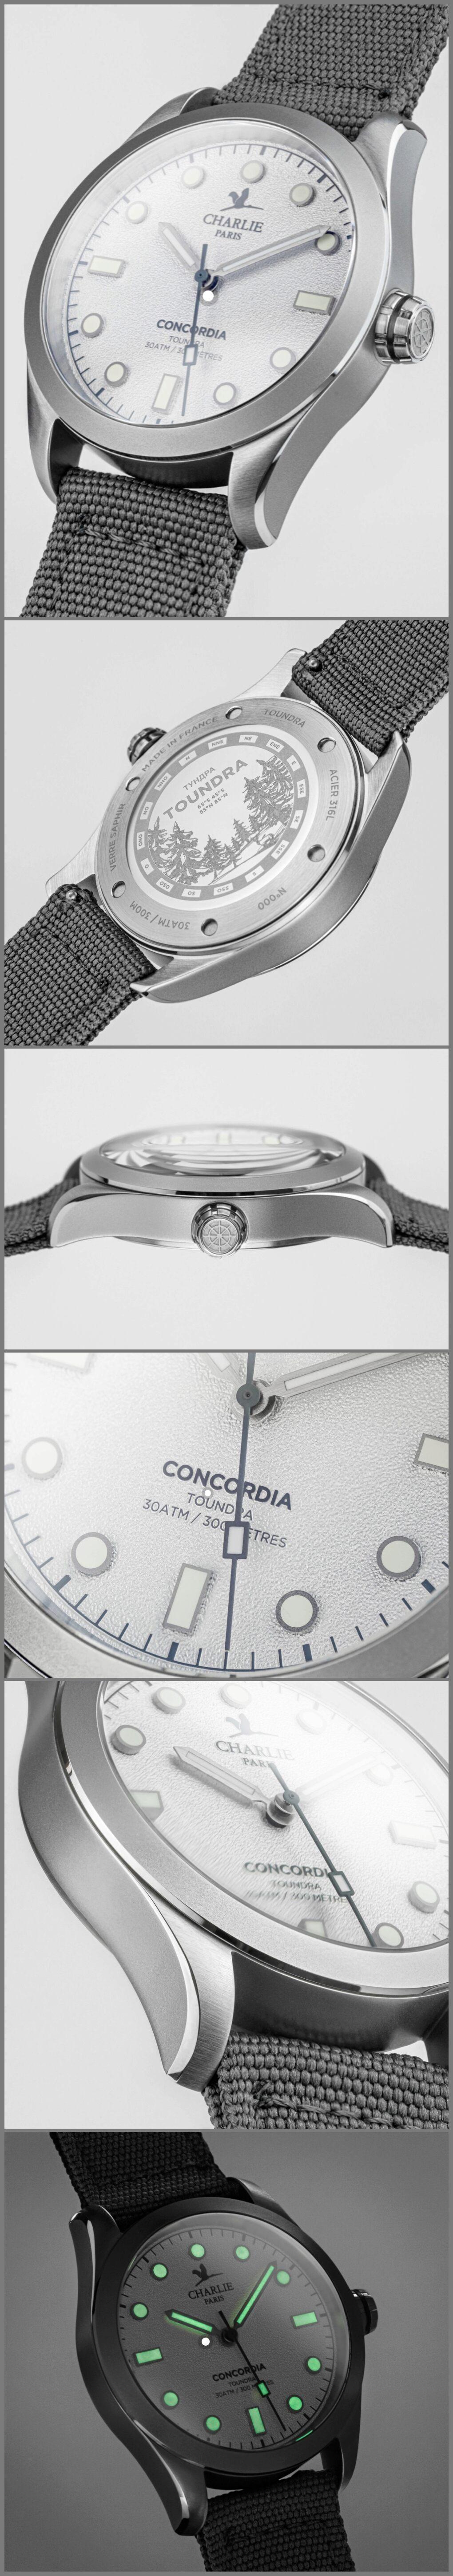 Actualités des montres non russes - Page 23 Captur22